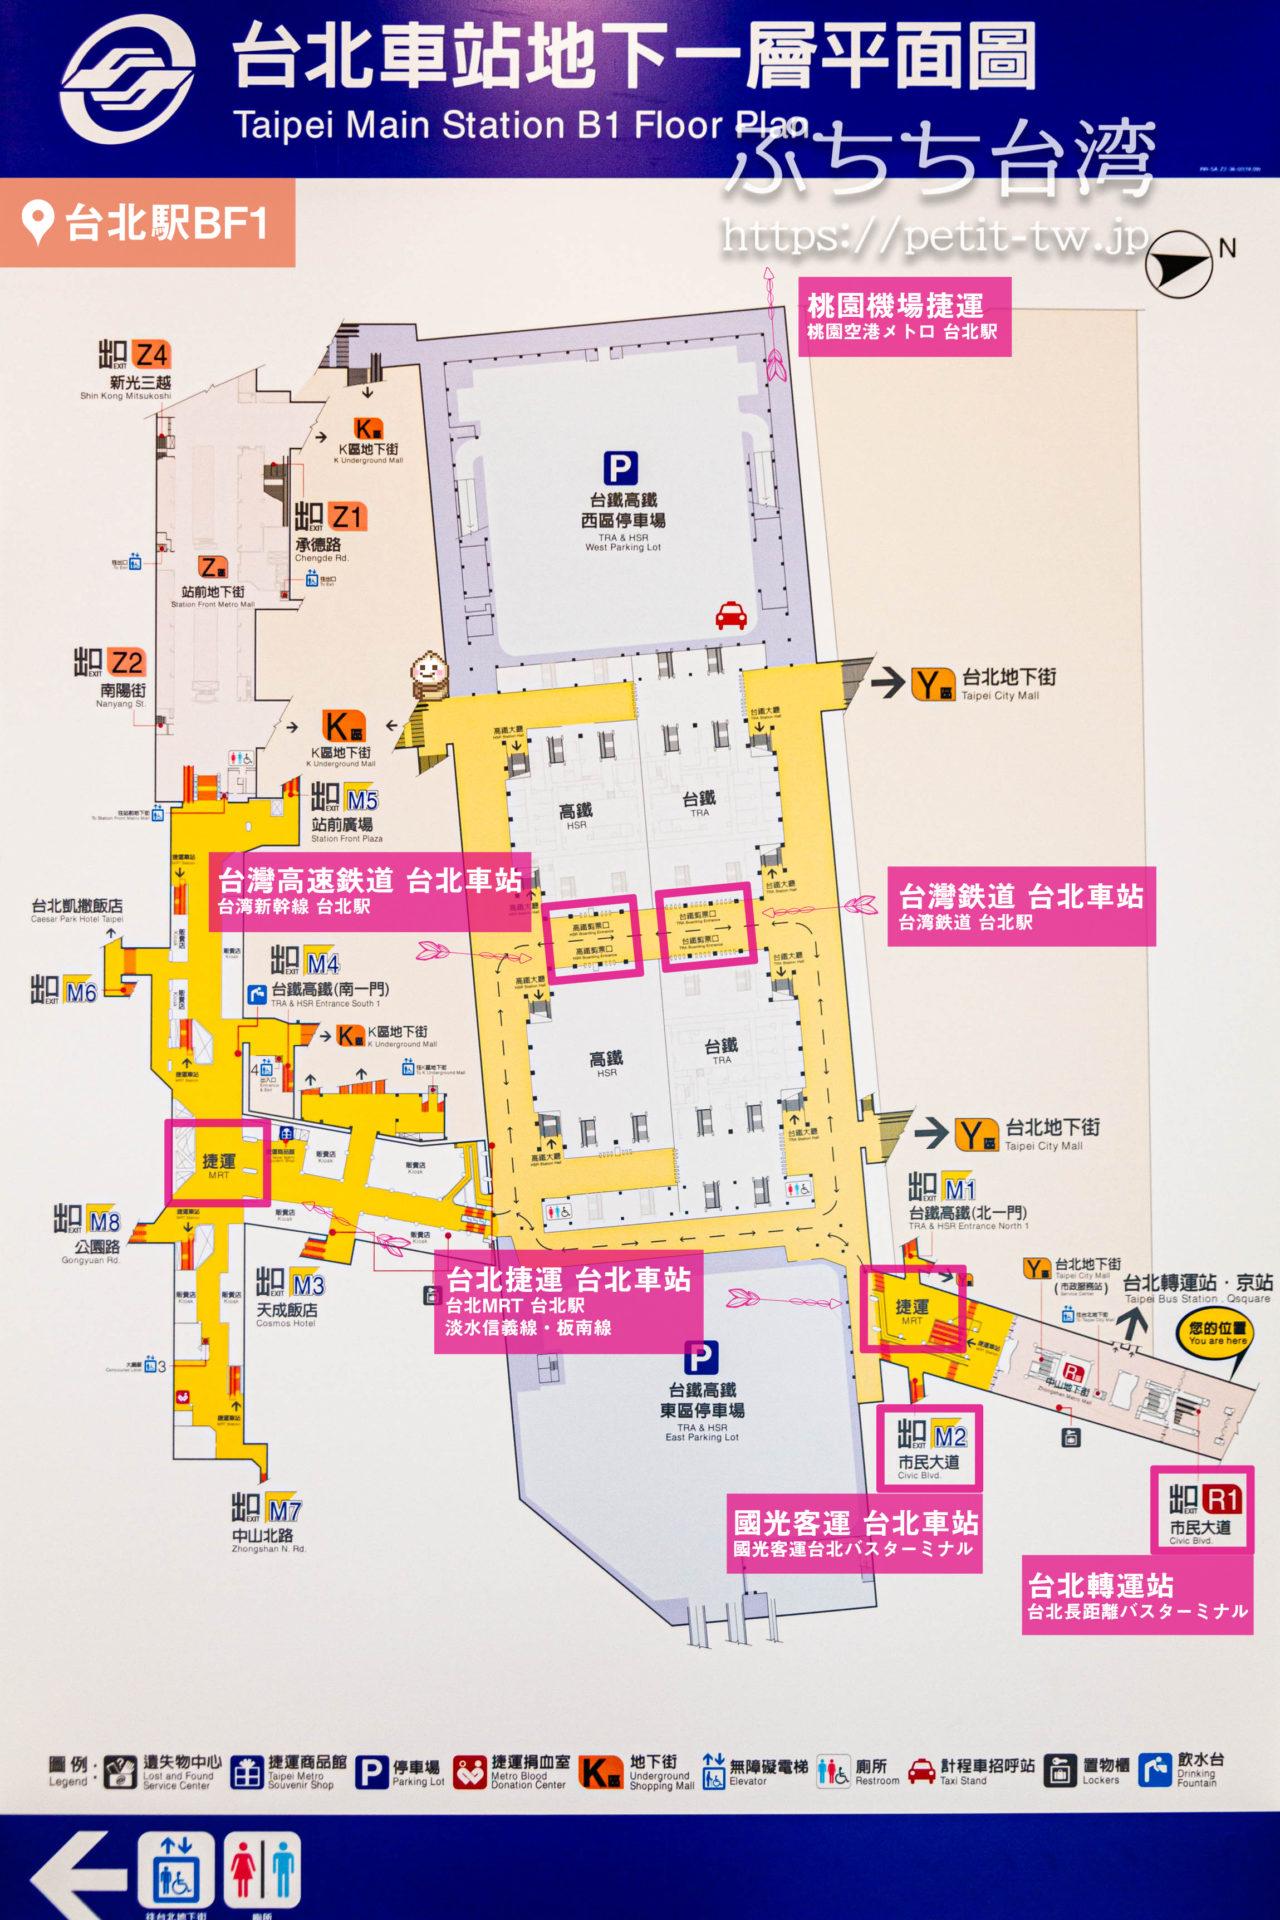 台北駅地下1階平面図